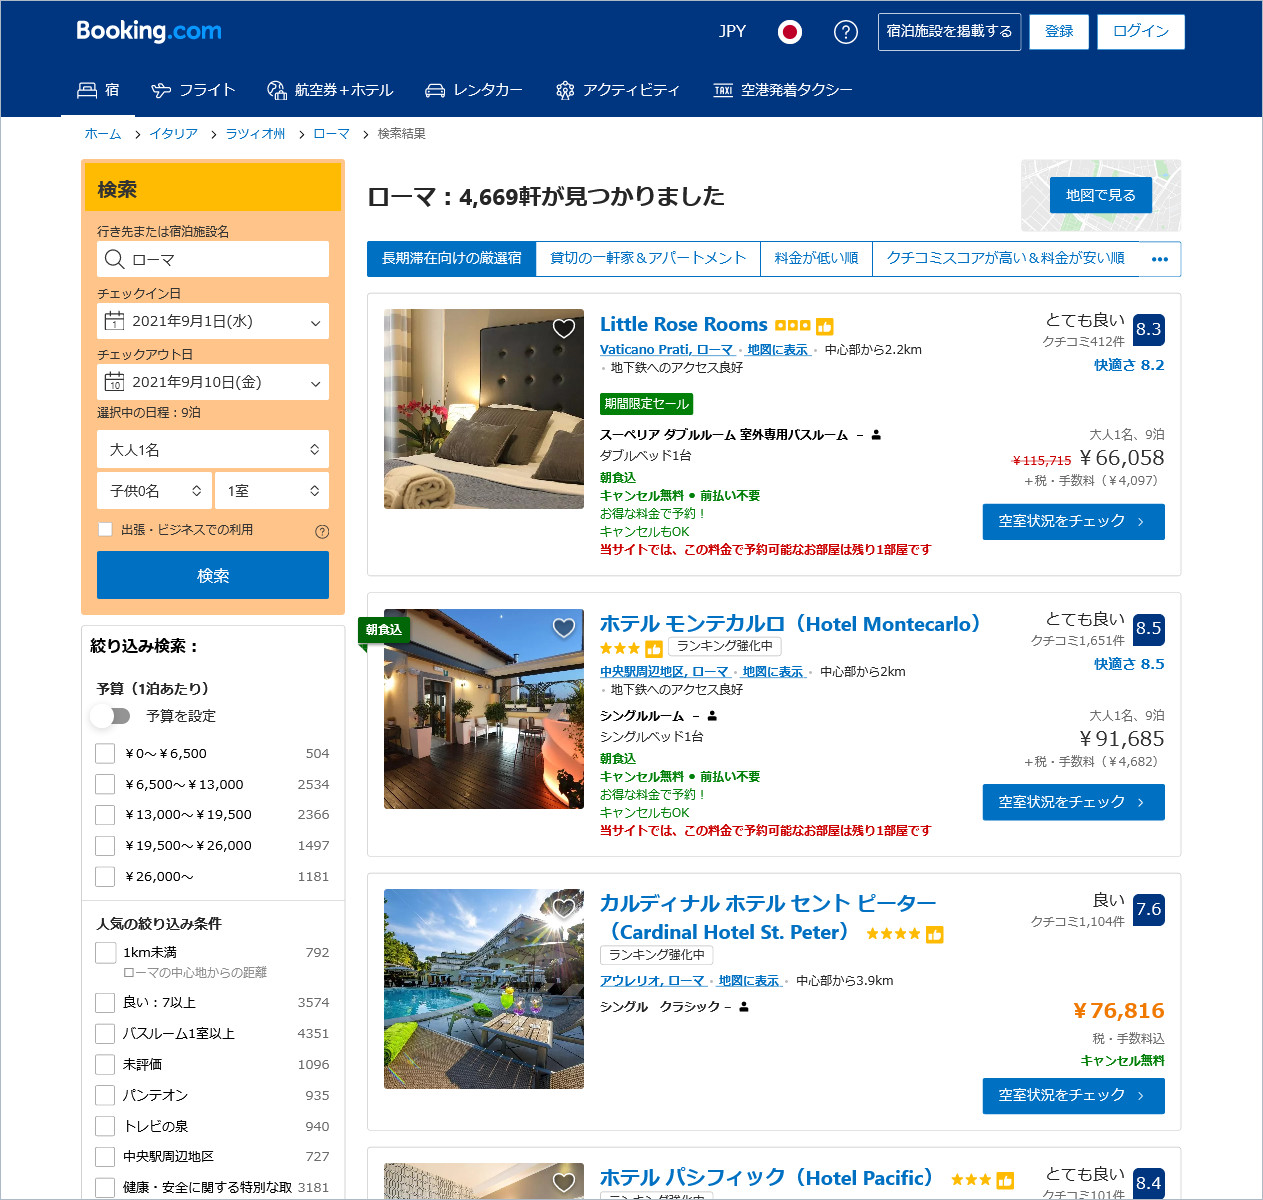 Booking.comのホテル検索結果